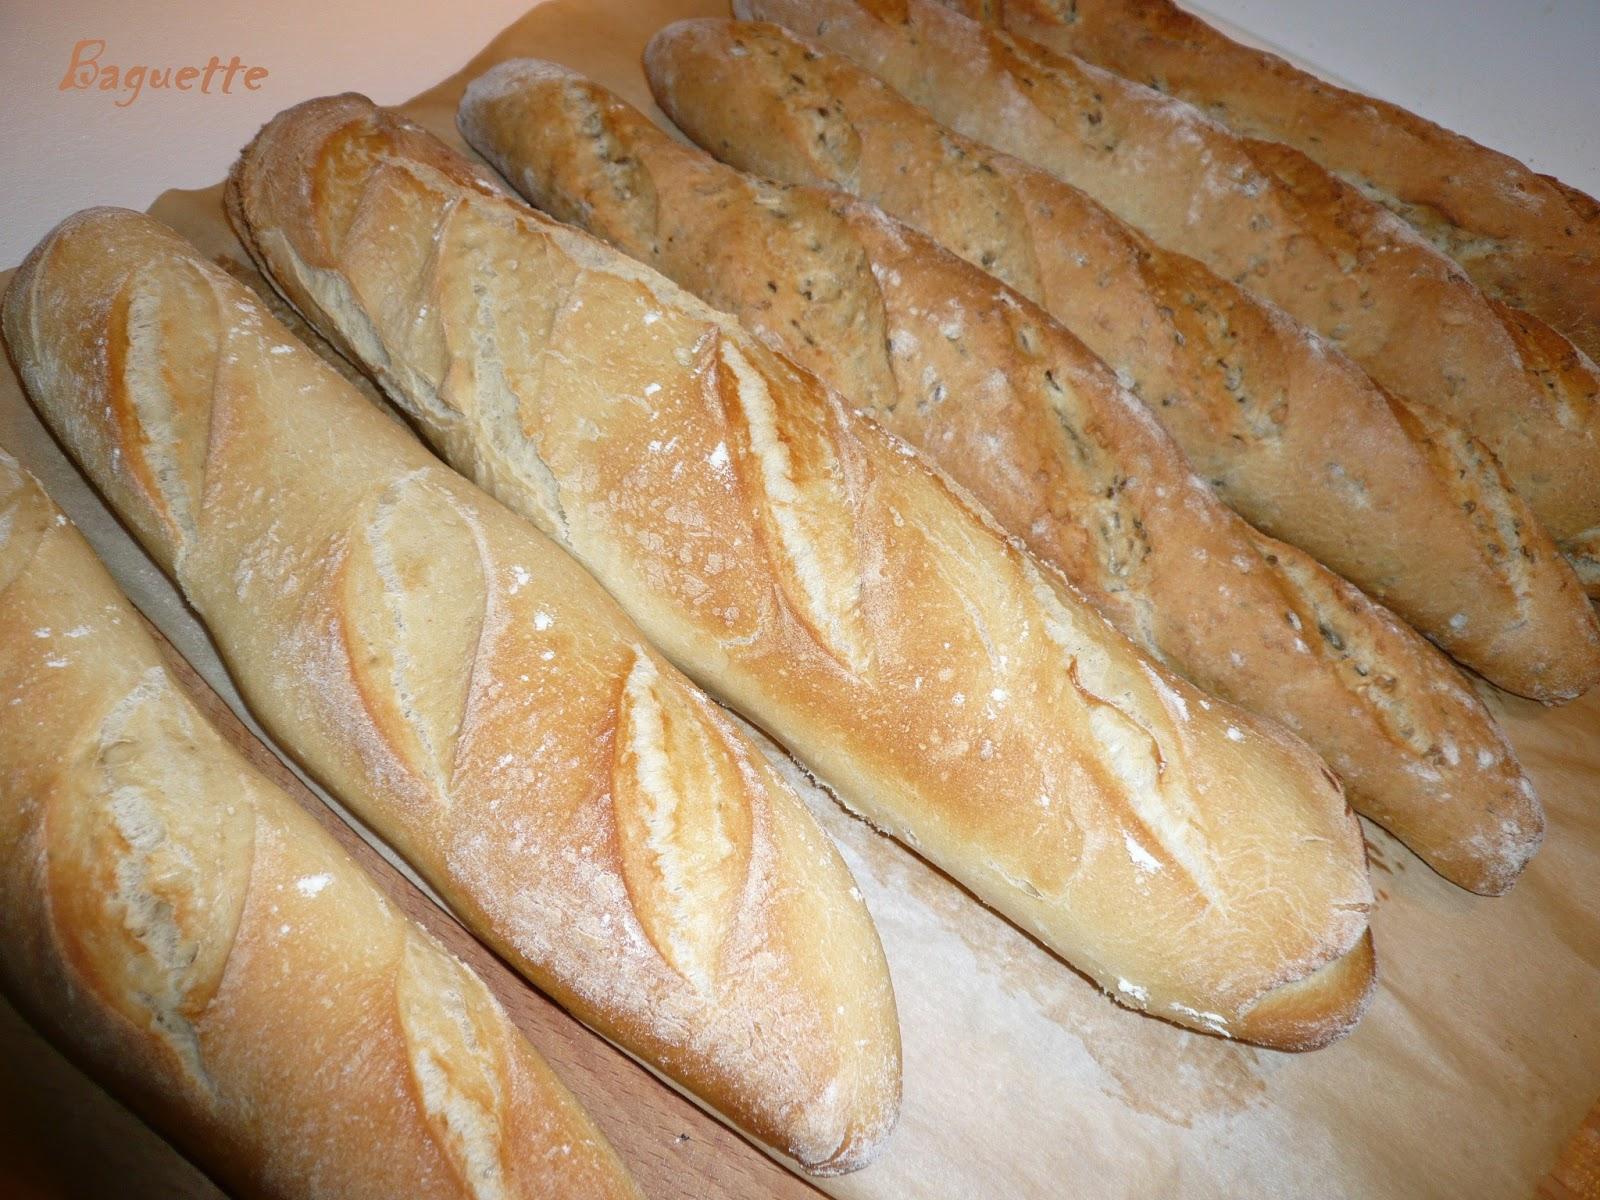 Mes petites douceurs baguette maison for Baguette du maison